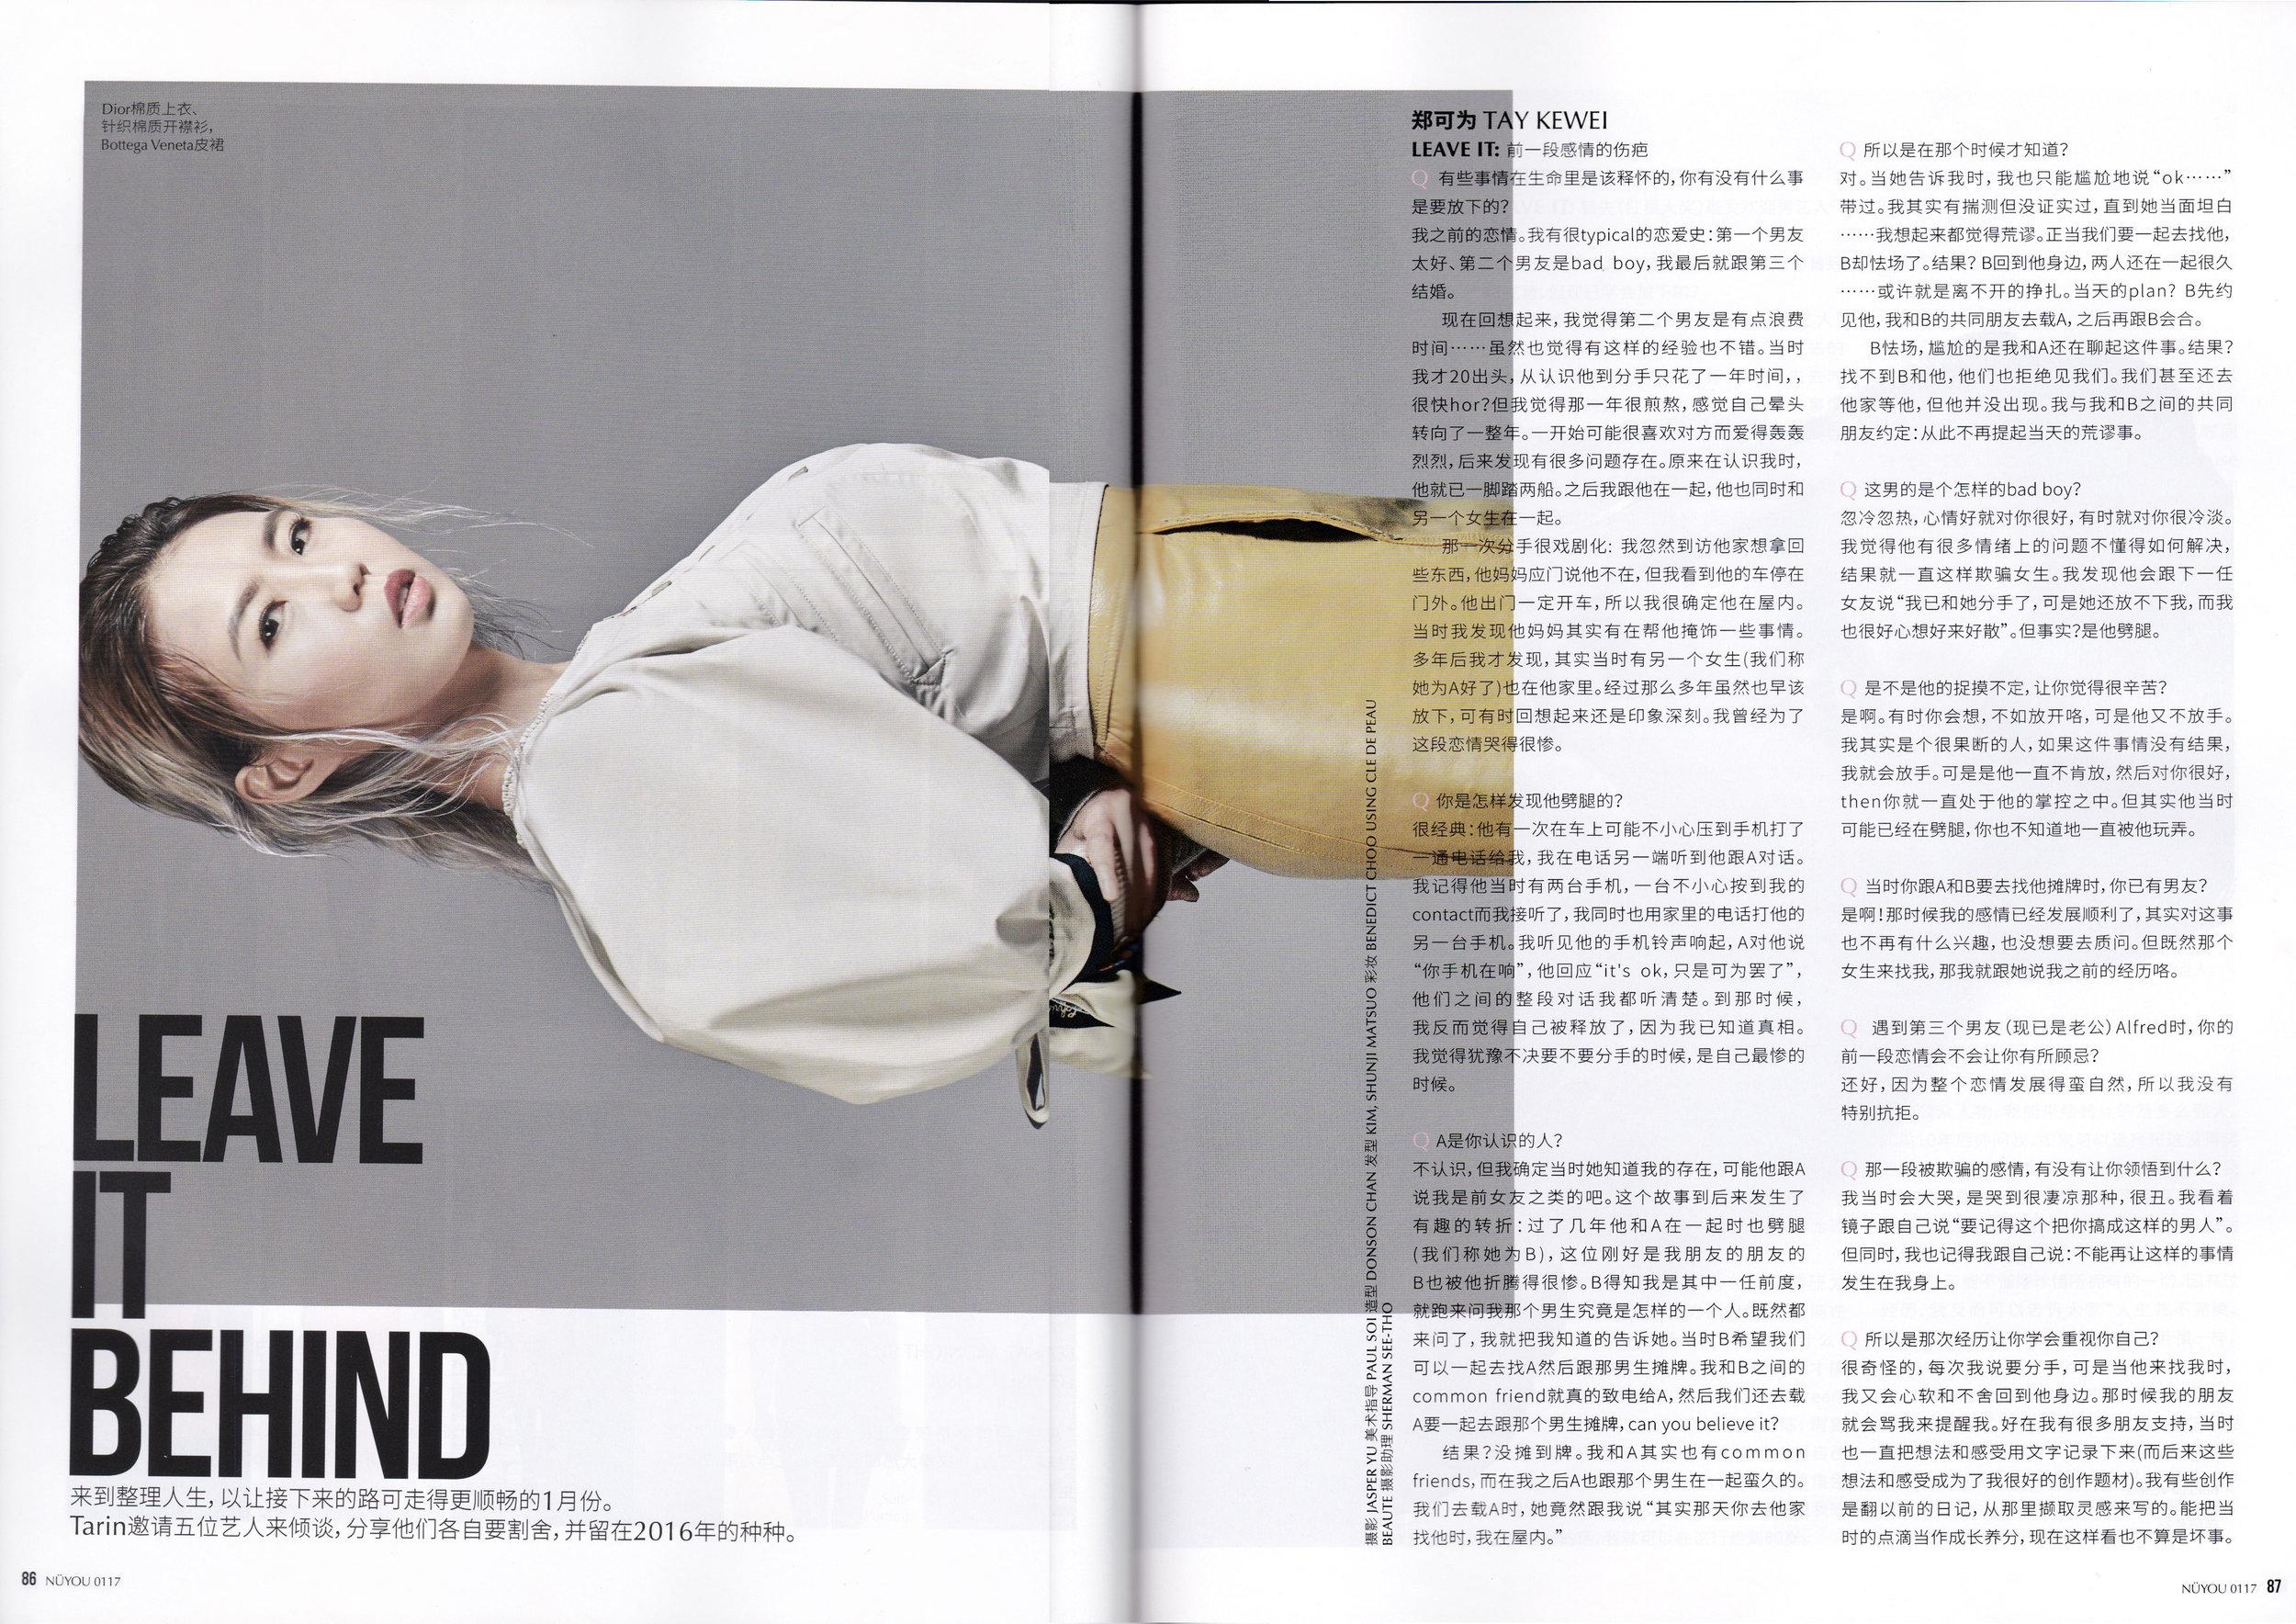 Kewei NUYOU article.jpg